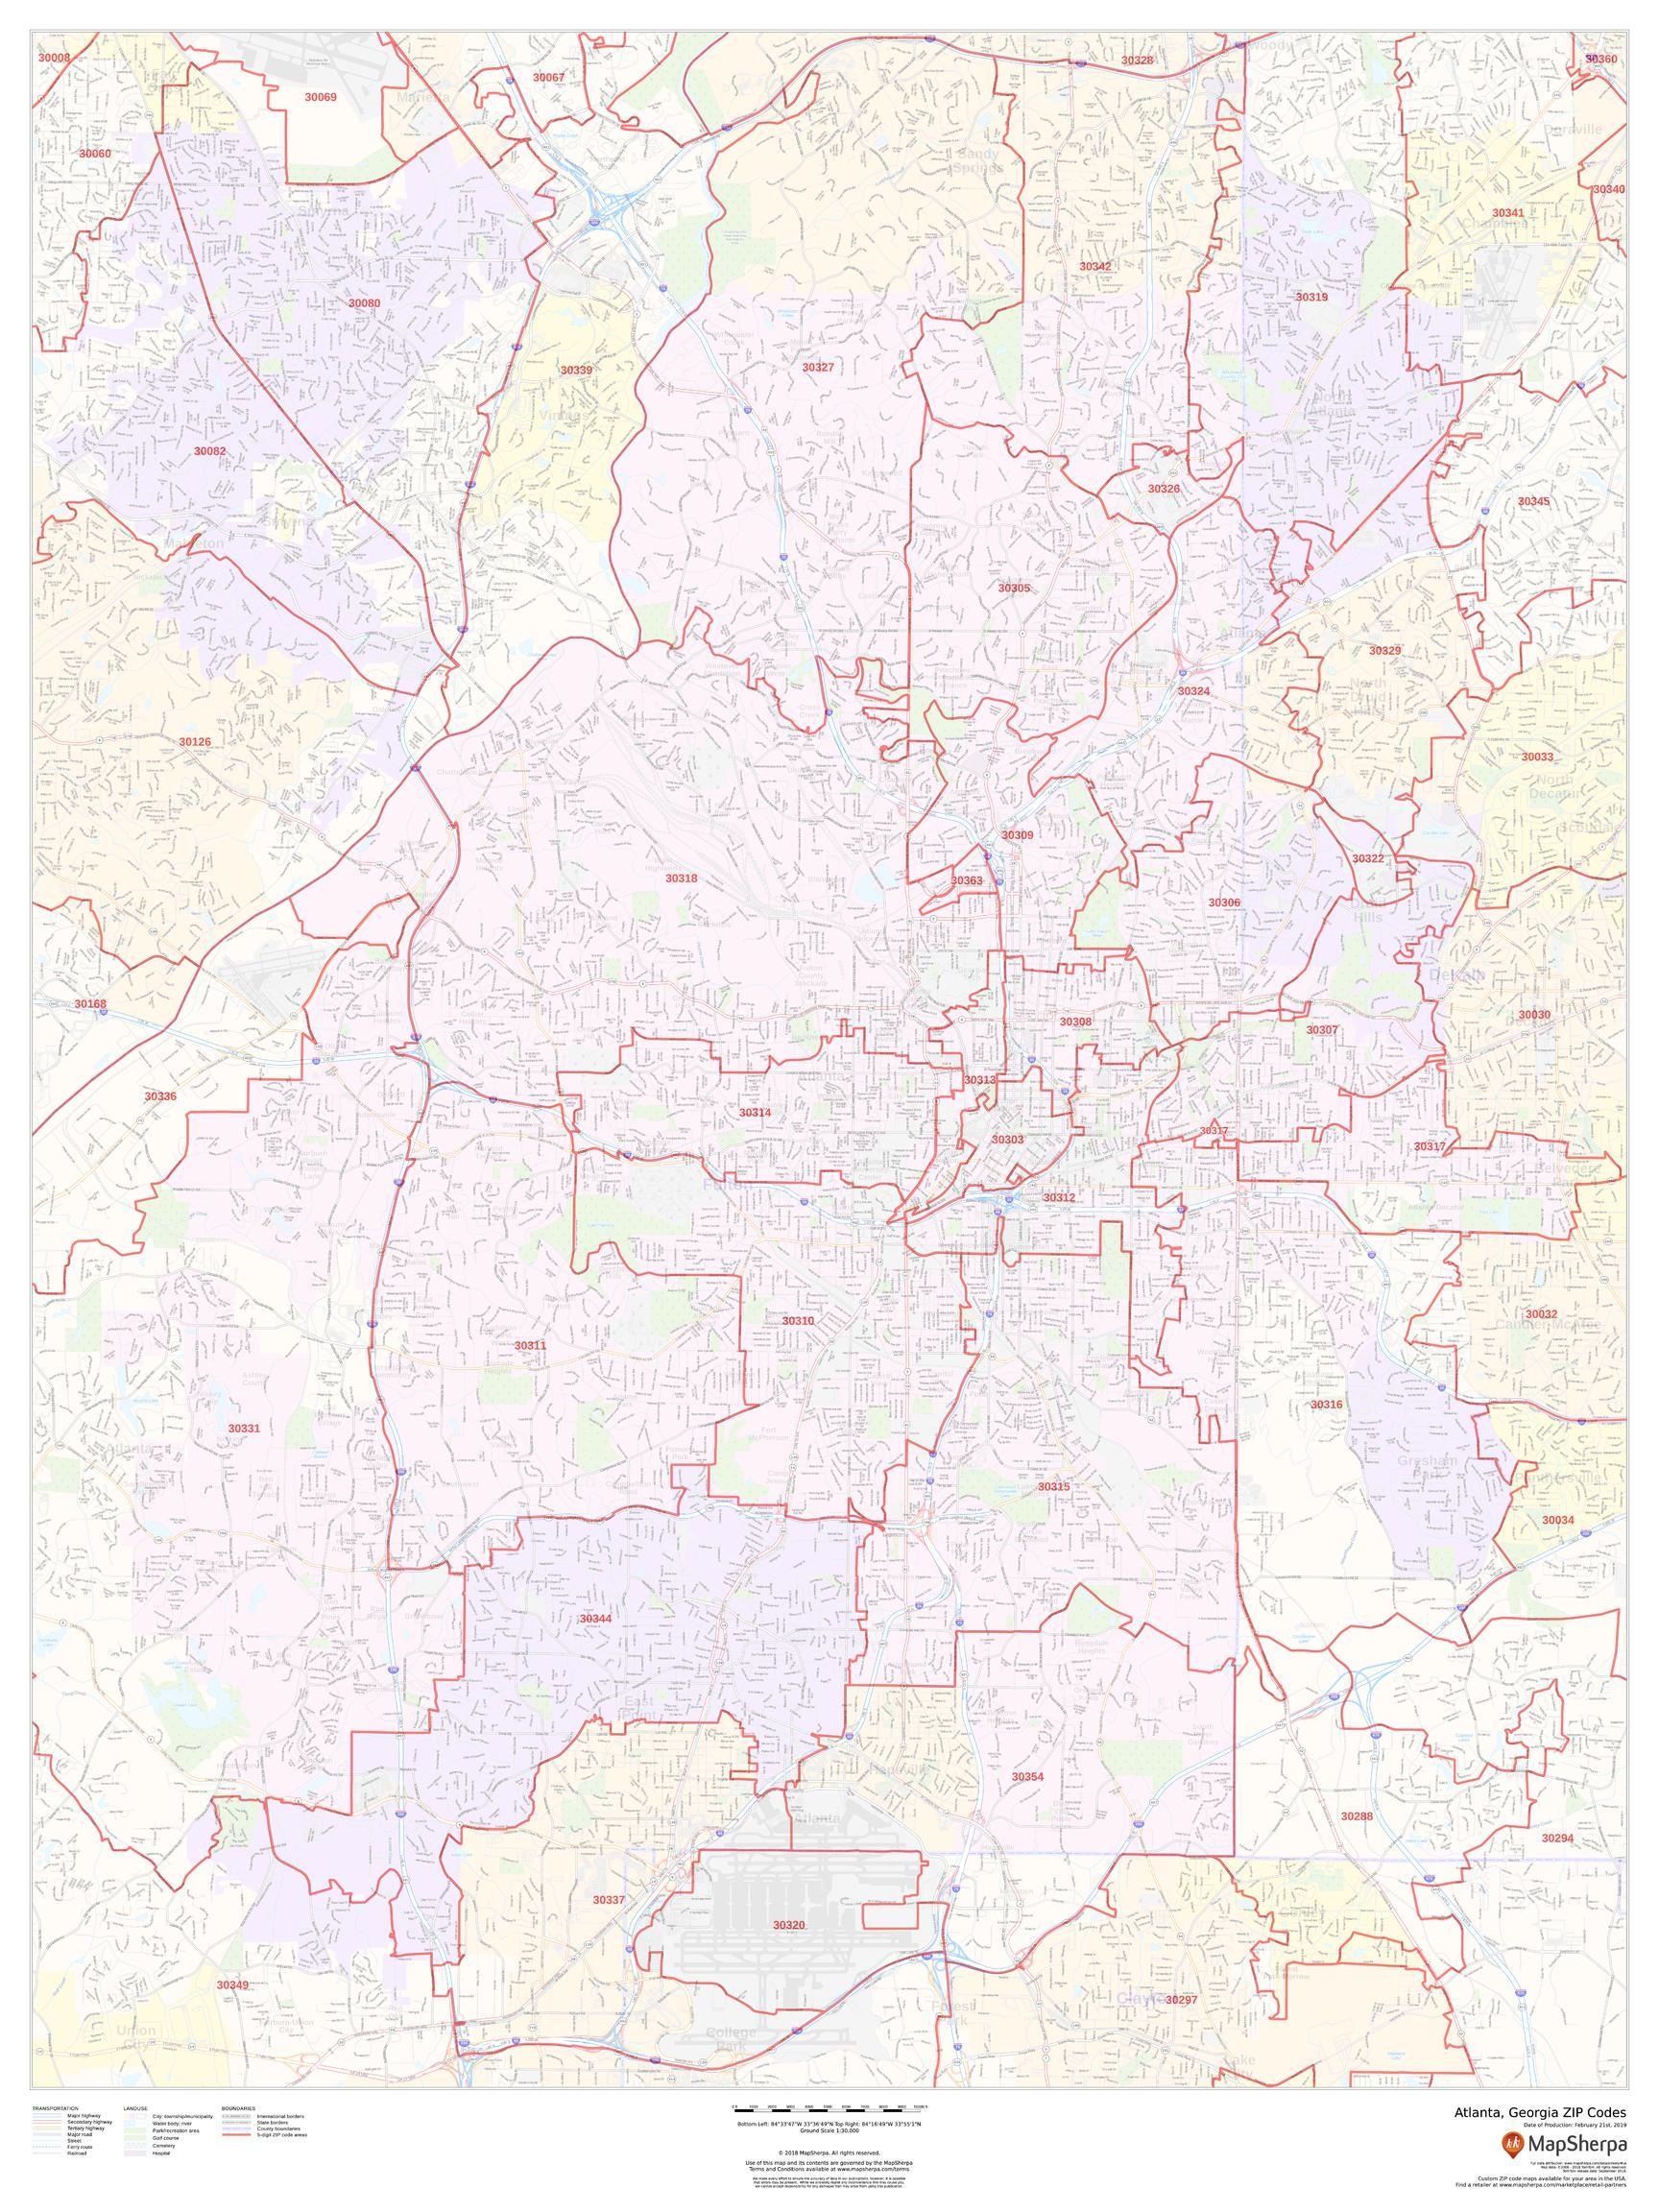 Image of: Atlanta Georgia Zip Codes Map